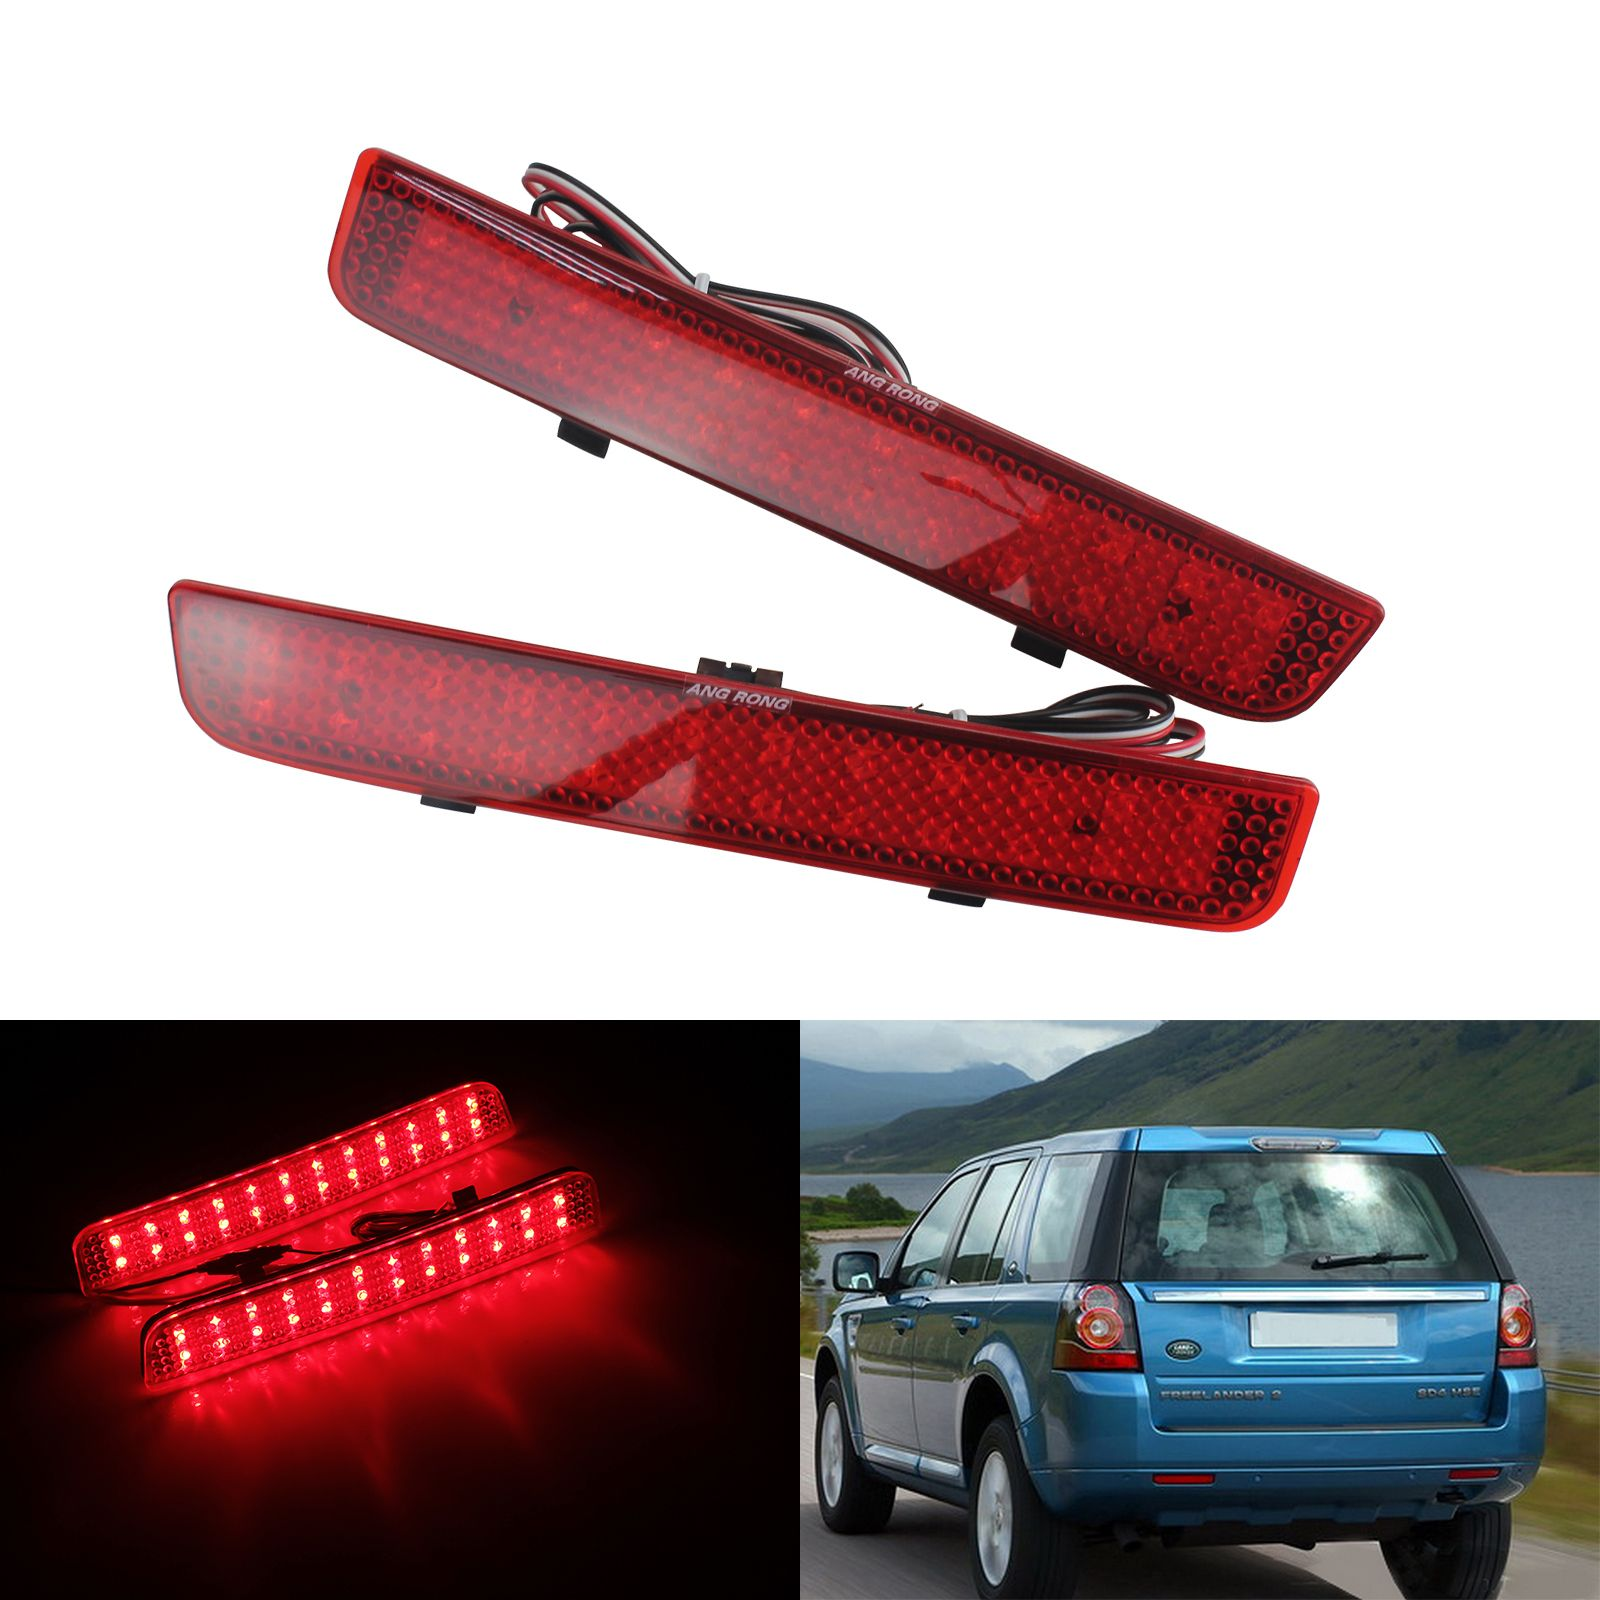 ANGRONG ROTE LED Für Range Rover L322 Freelander 2 LR2 Stoßstange Reflektor Bremse Reverse Licht